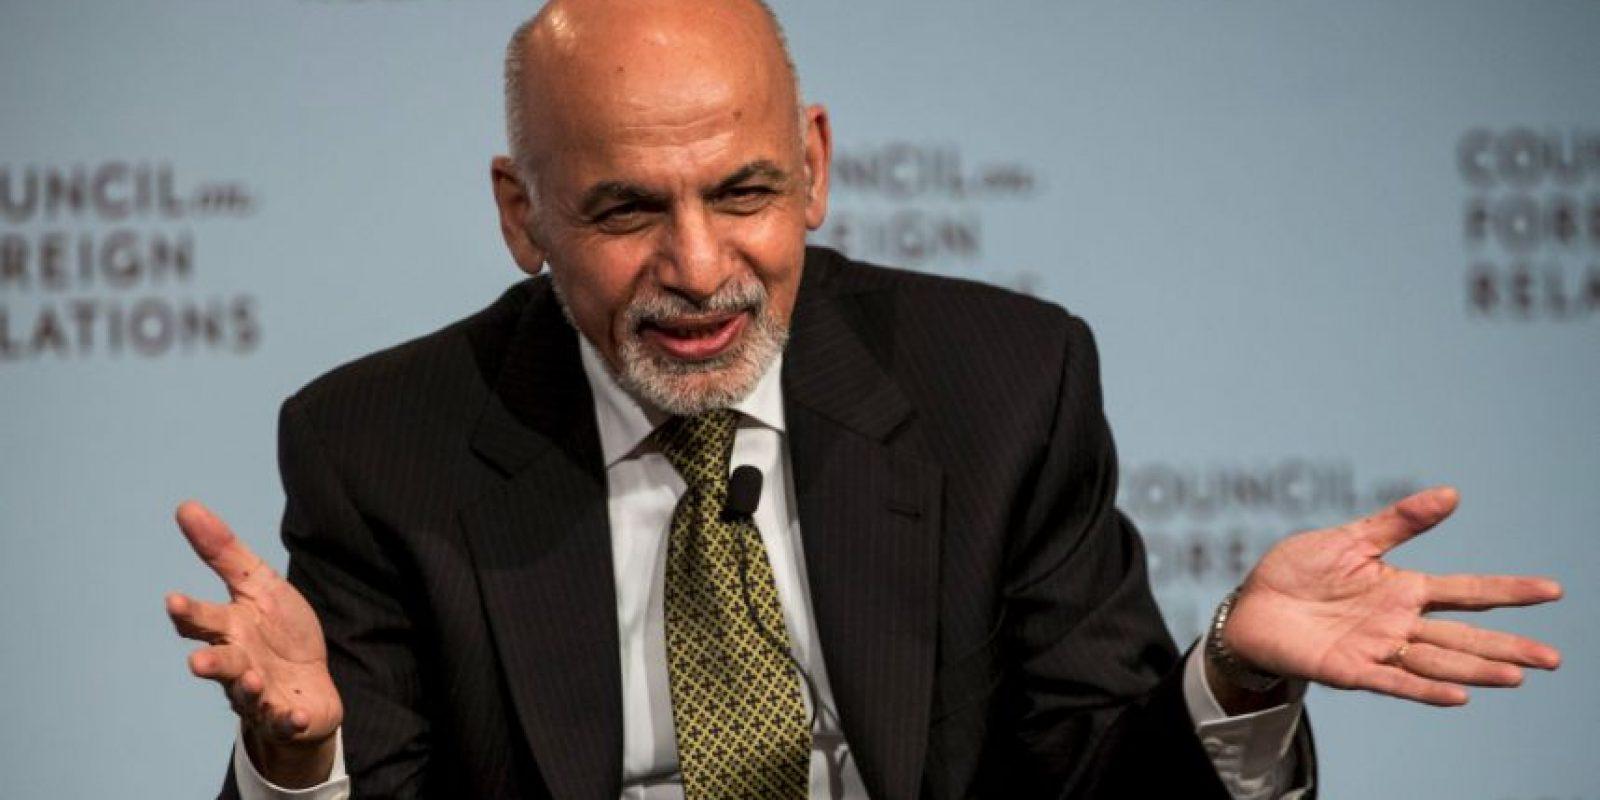 El gobierno de Afganistán inició el diálogo de paz con los talibanes. Foto:Getty Images